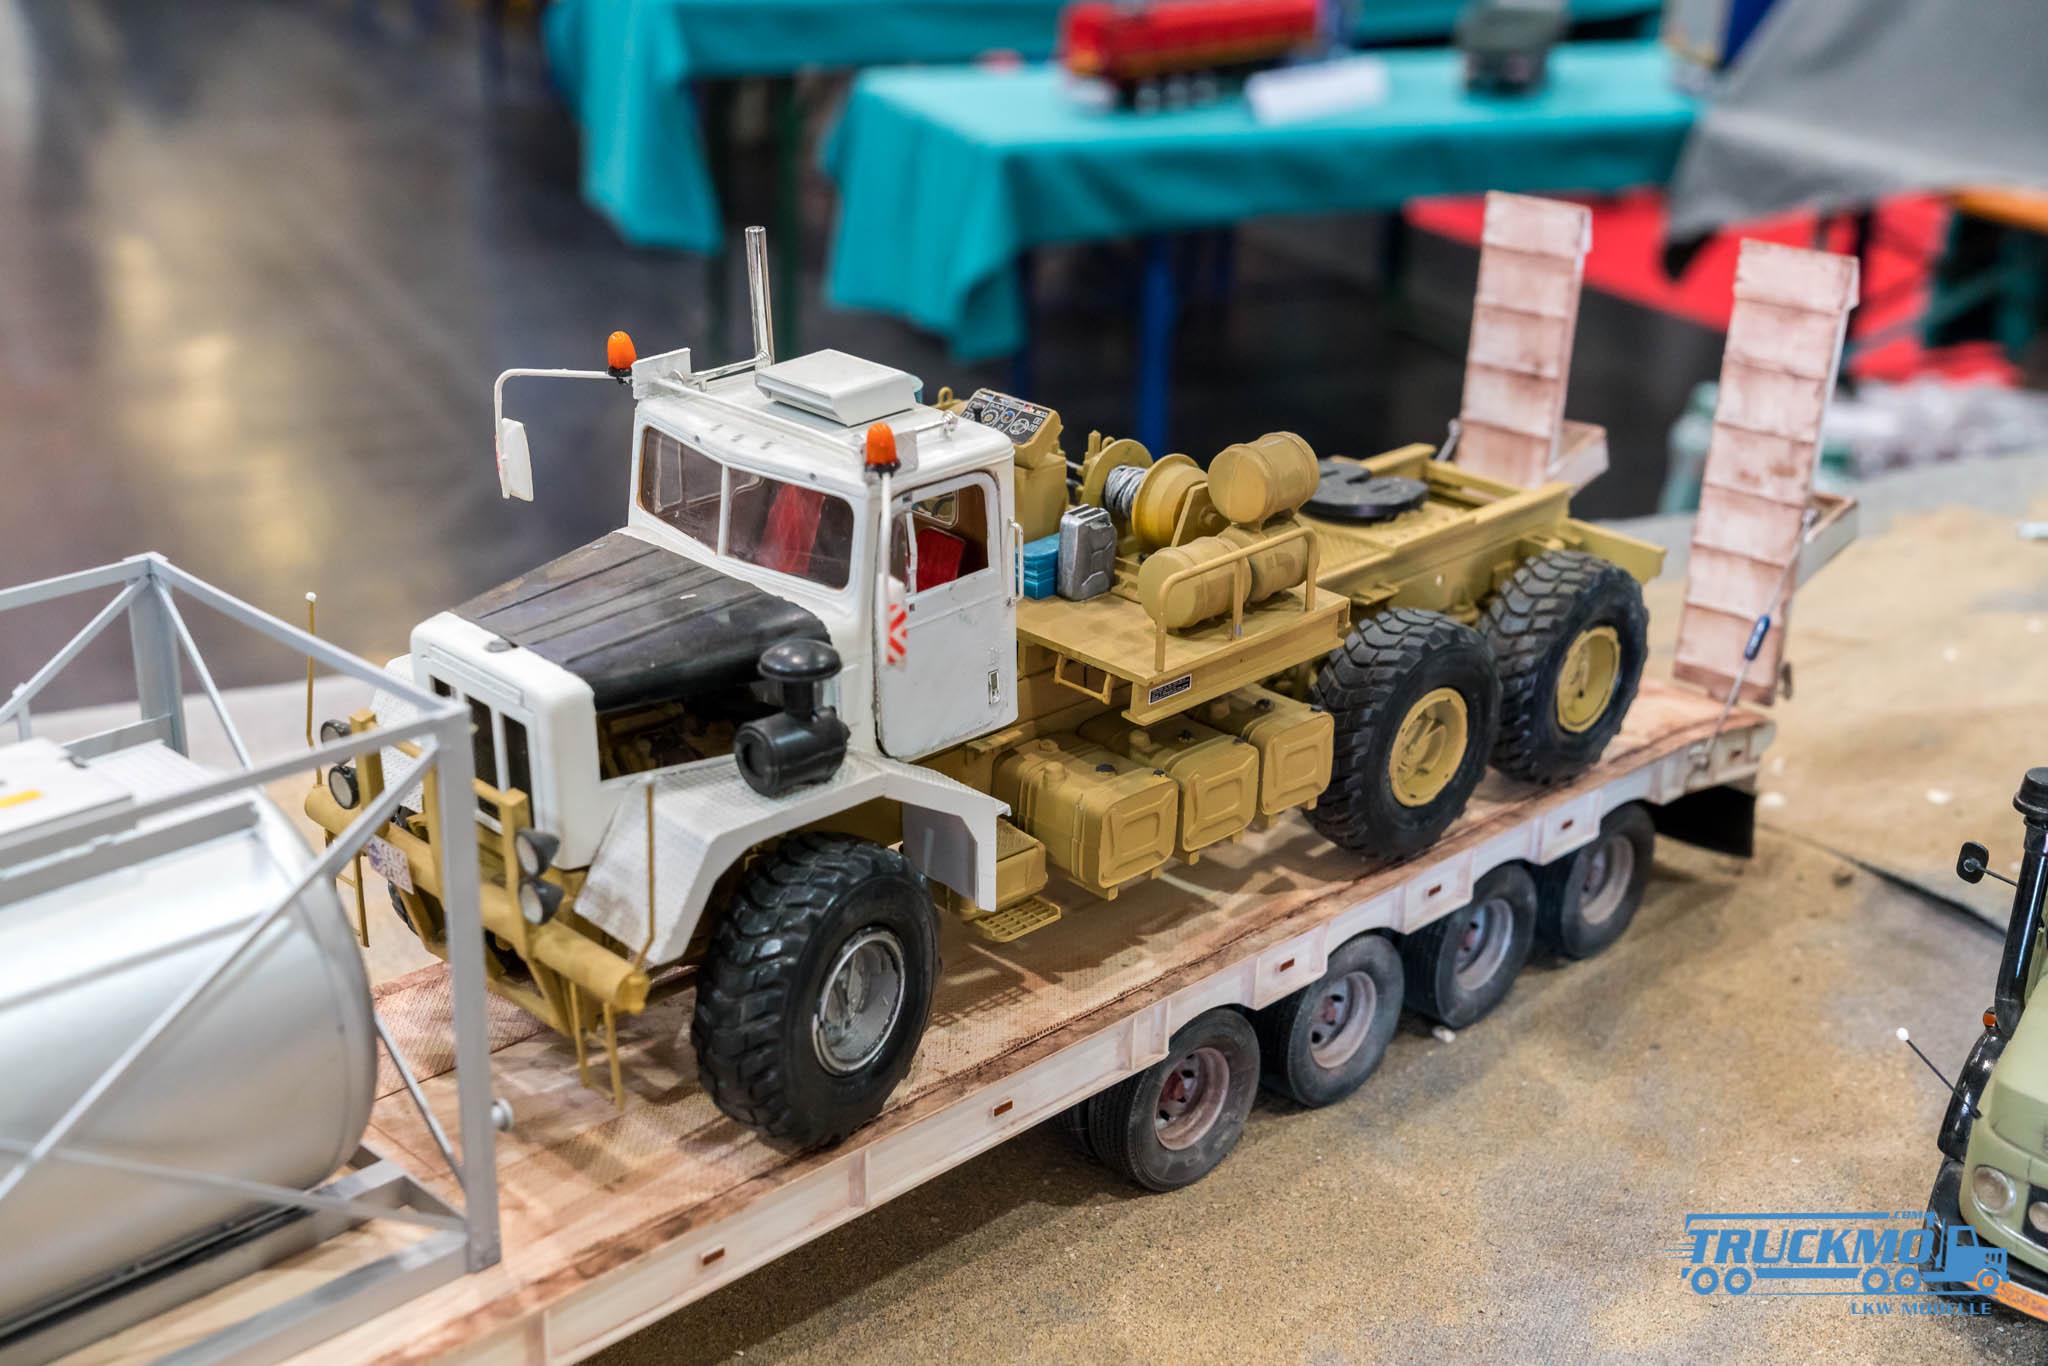 Truckmo_Modellbau_Ried_2017_Herpa_Messe_Modellbauausstellung (422 von 1177)